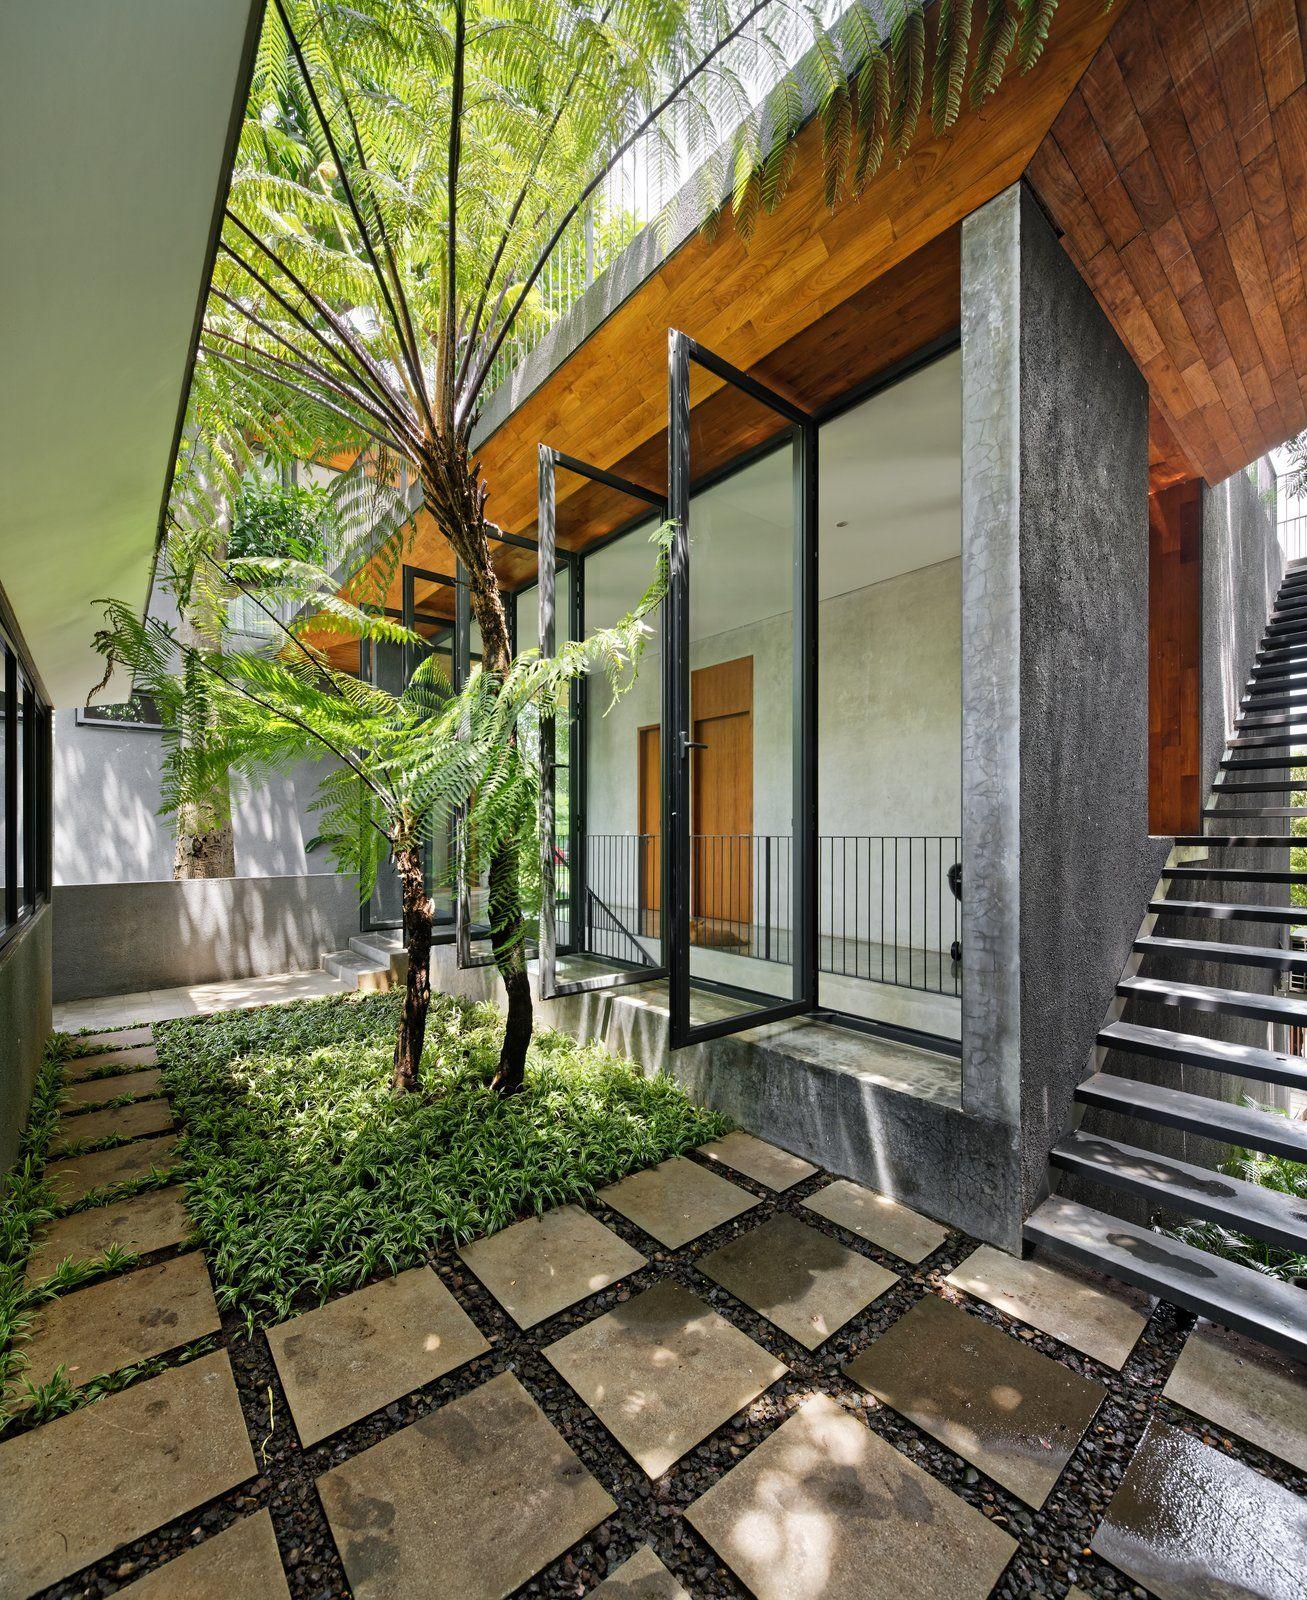 House Of Inside And Outside Desain Eksterior Desain Arsitektur